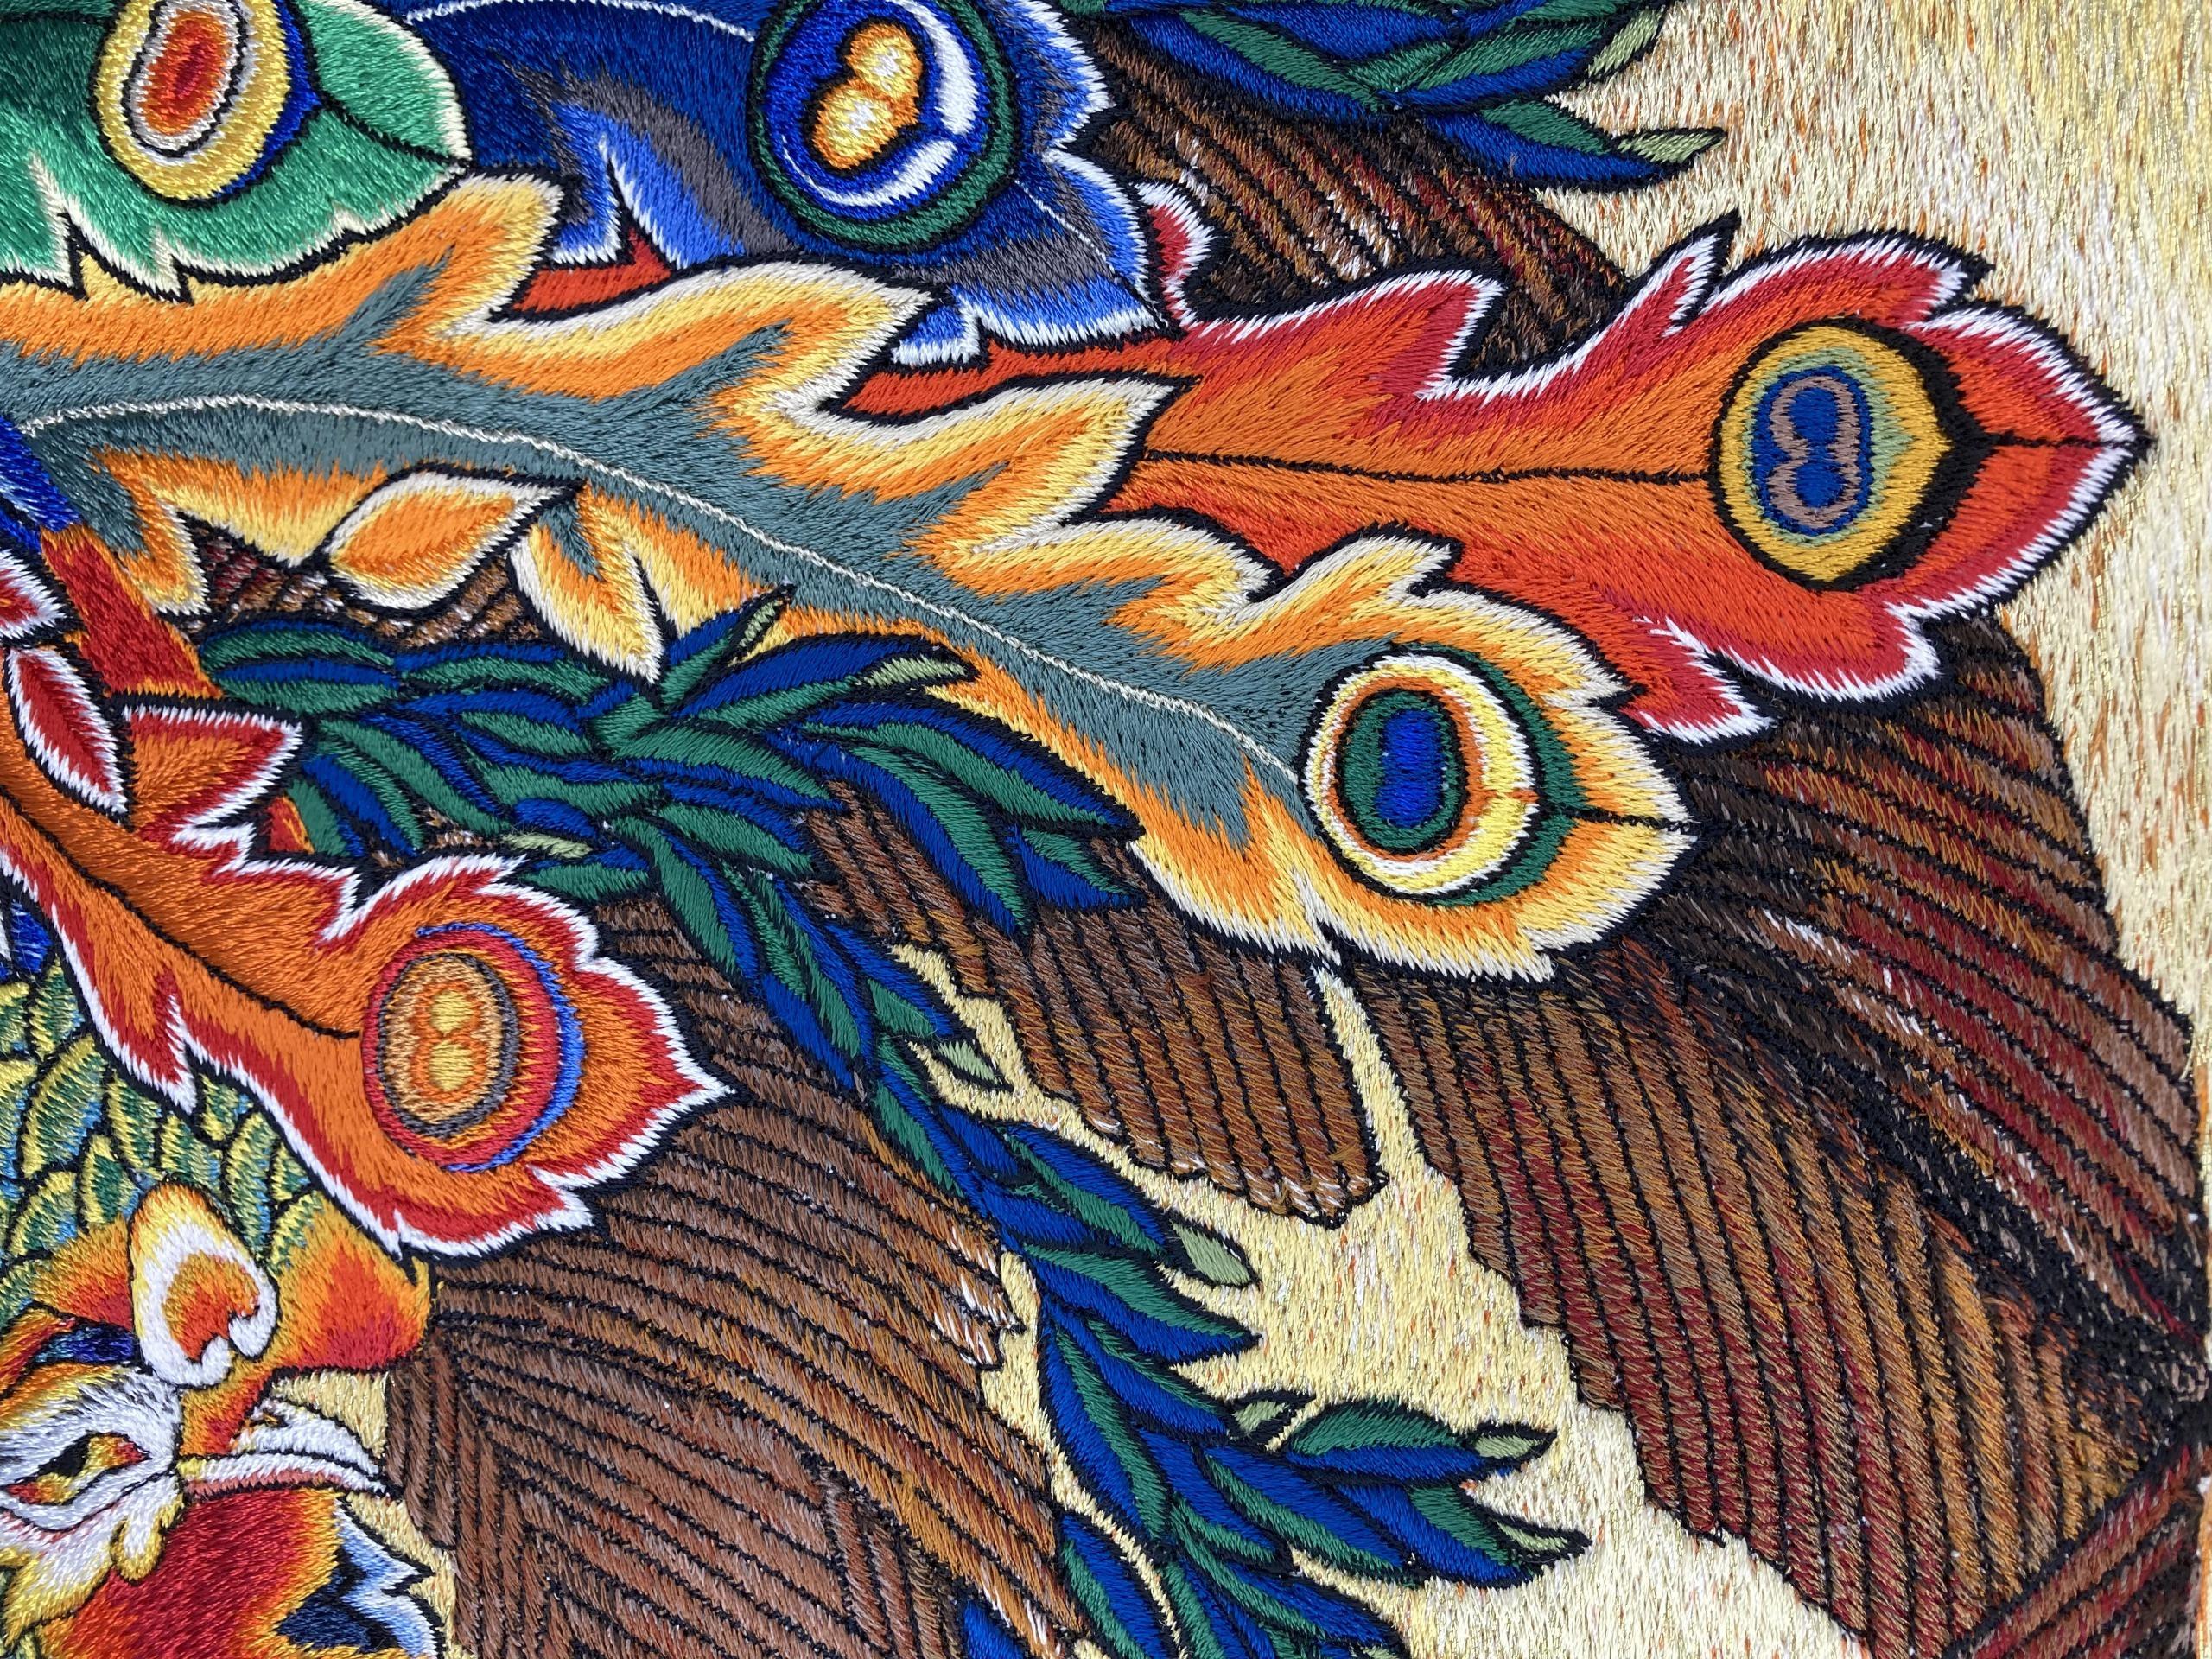 1.江戸時代から続く伝統技術  『横振り刺繍』を継承